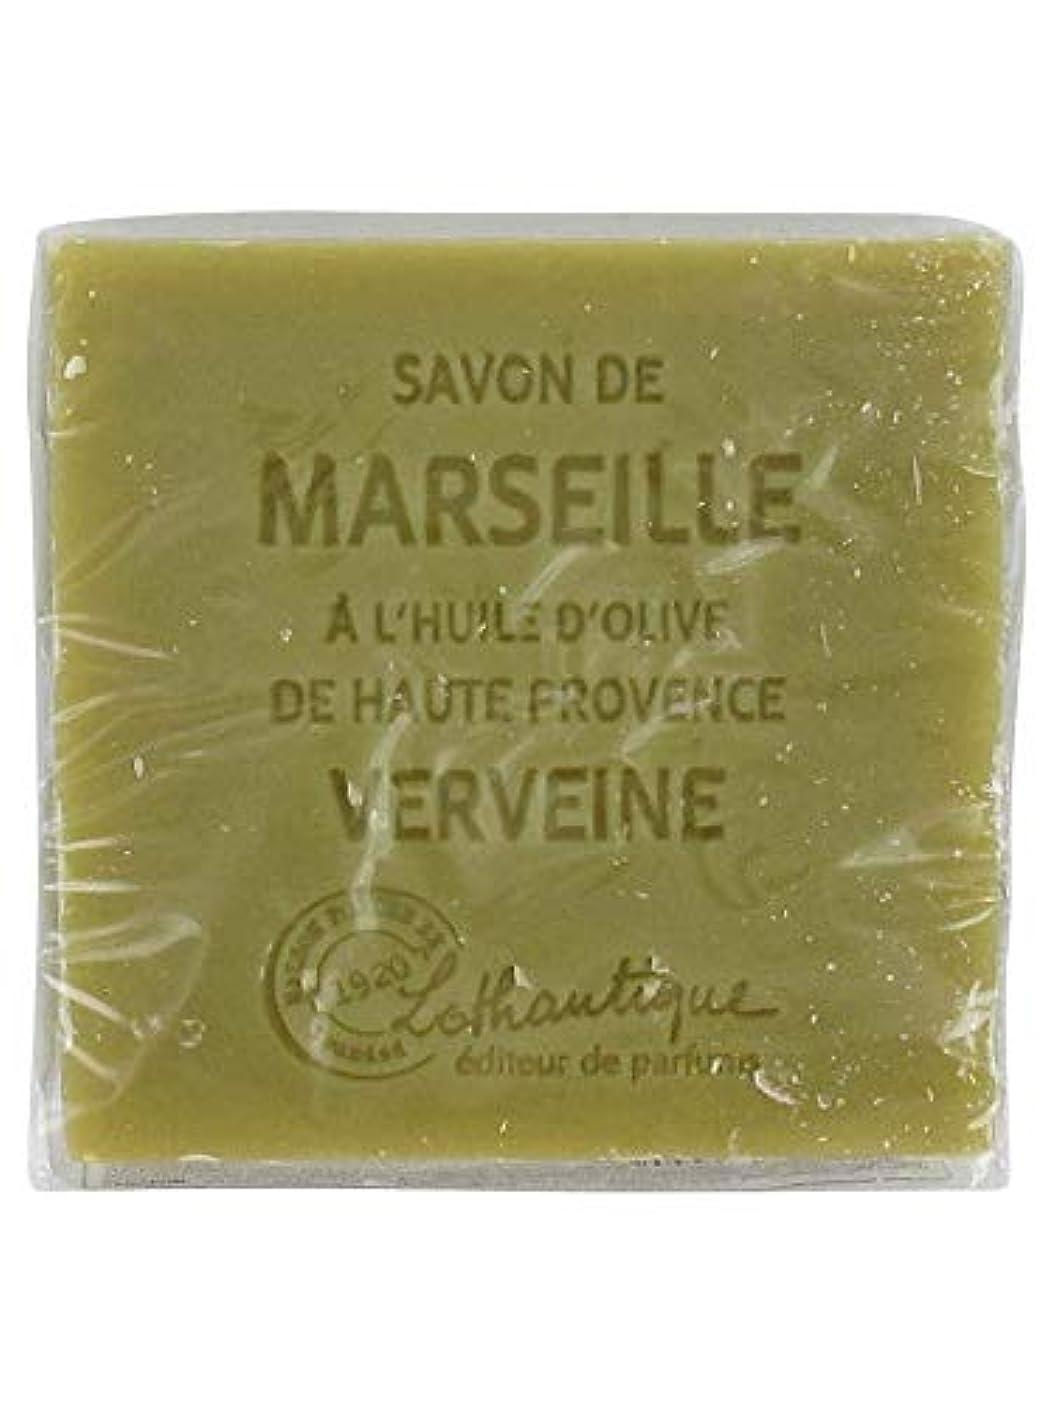 トイレヘリコプター階Lothantique(ロタンティック) Les savons de Marseille(マルセイユソープ) マルセイユソープ 100g 「ベルベーヌ」 3420070038142